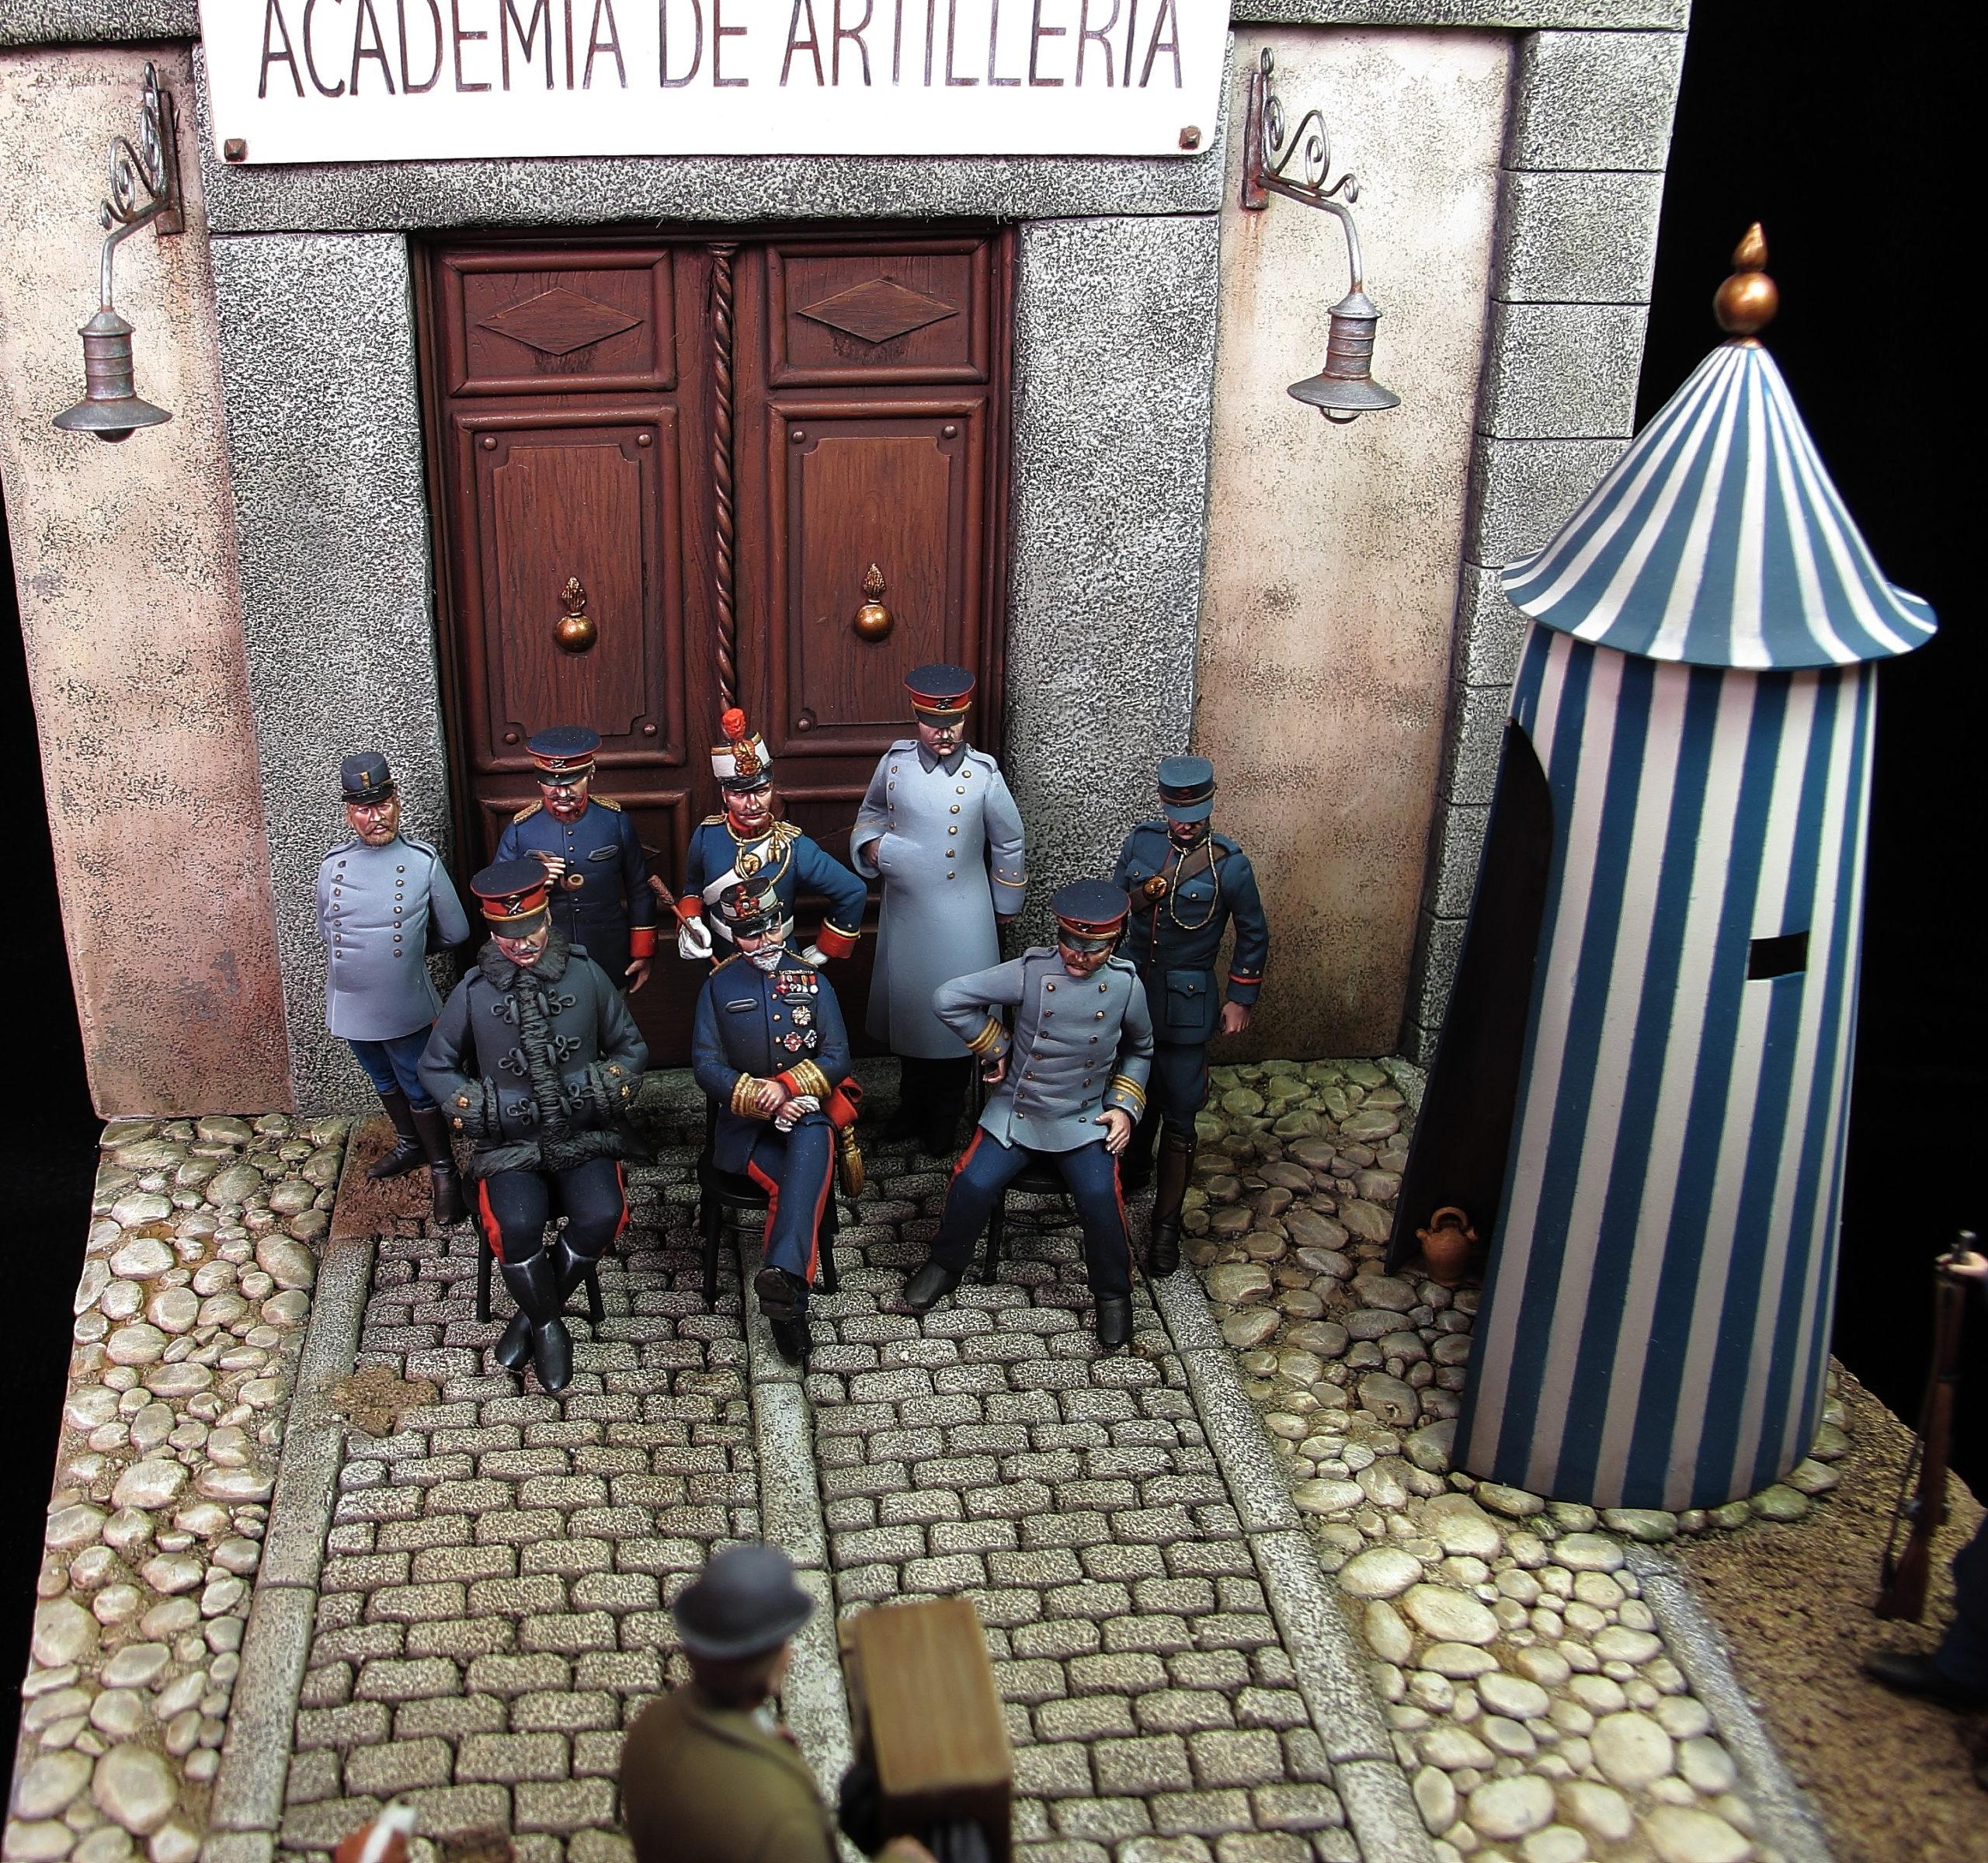 Academia de Artillería, Siglo XIX